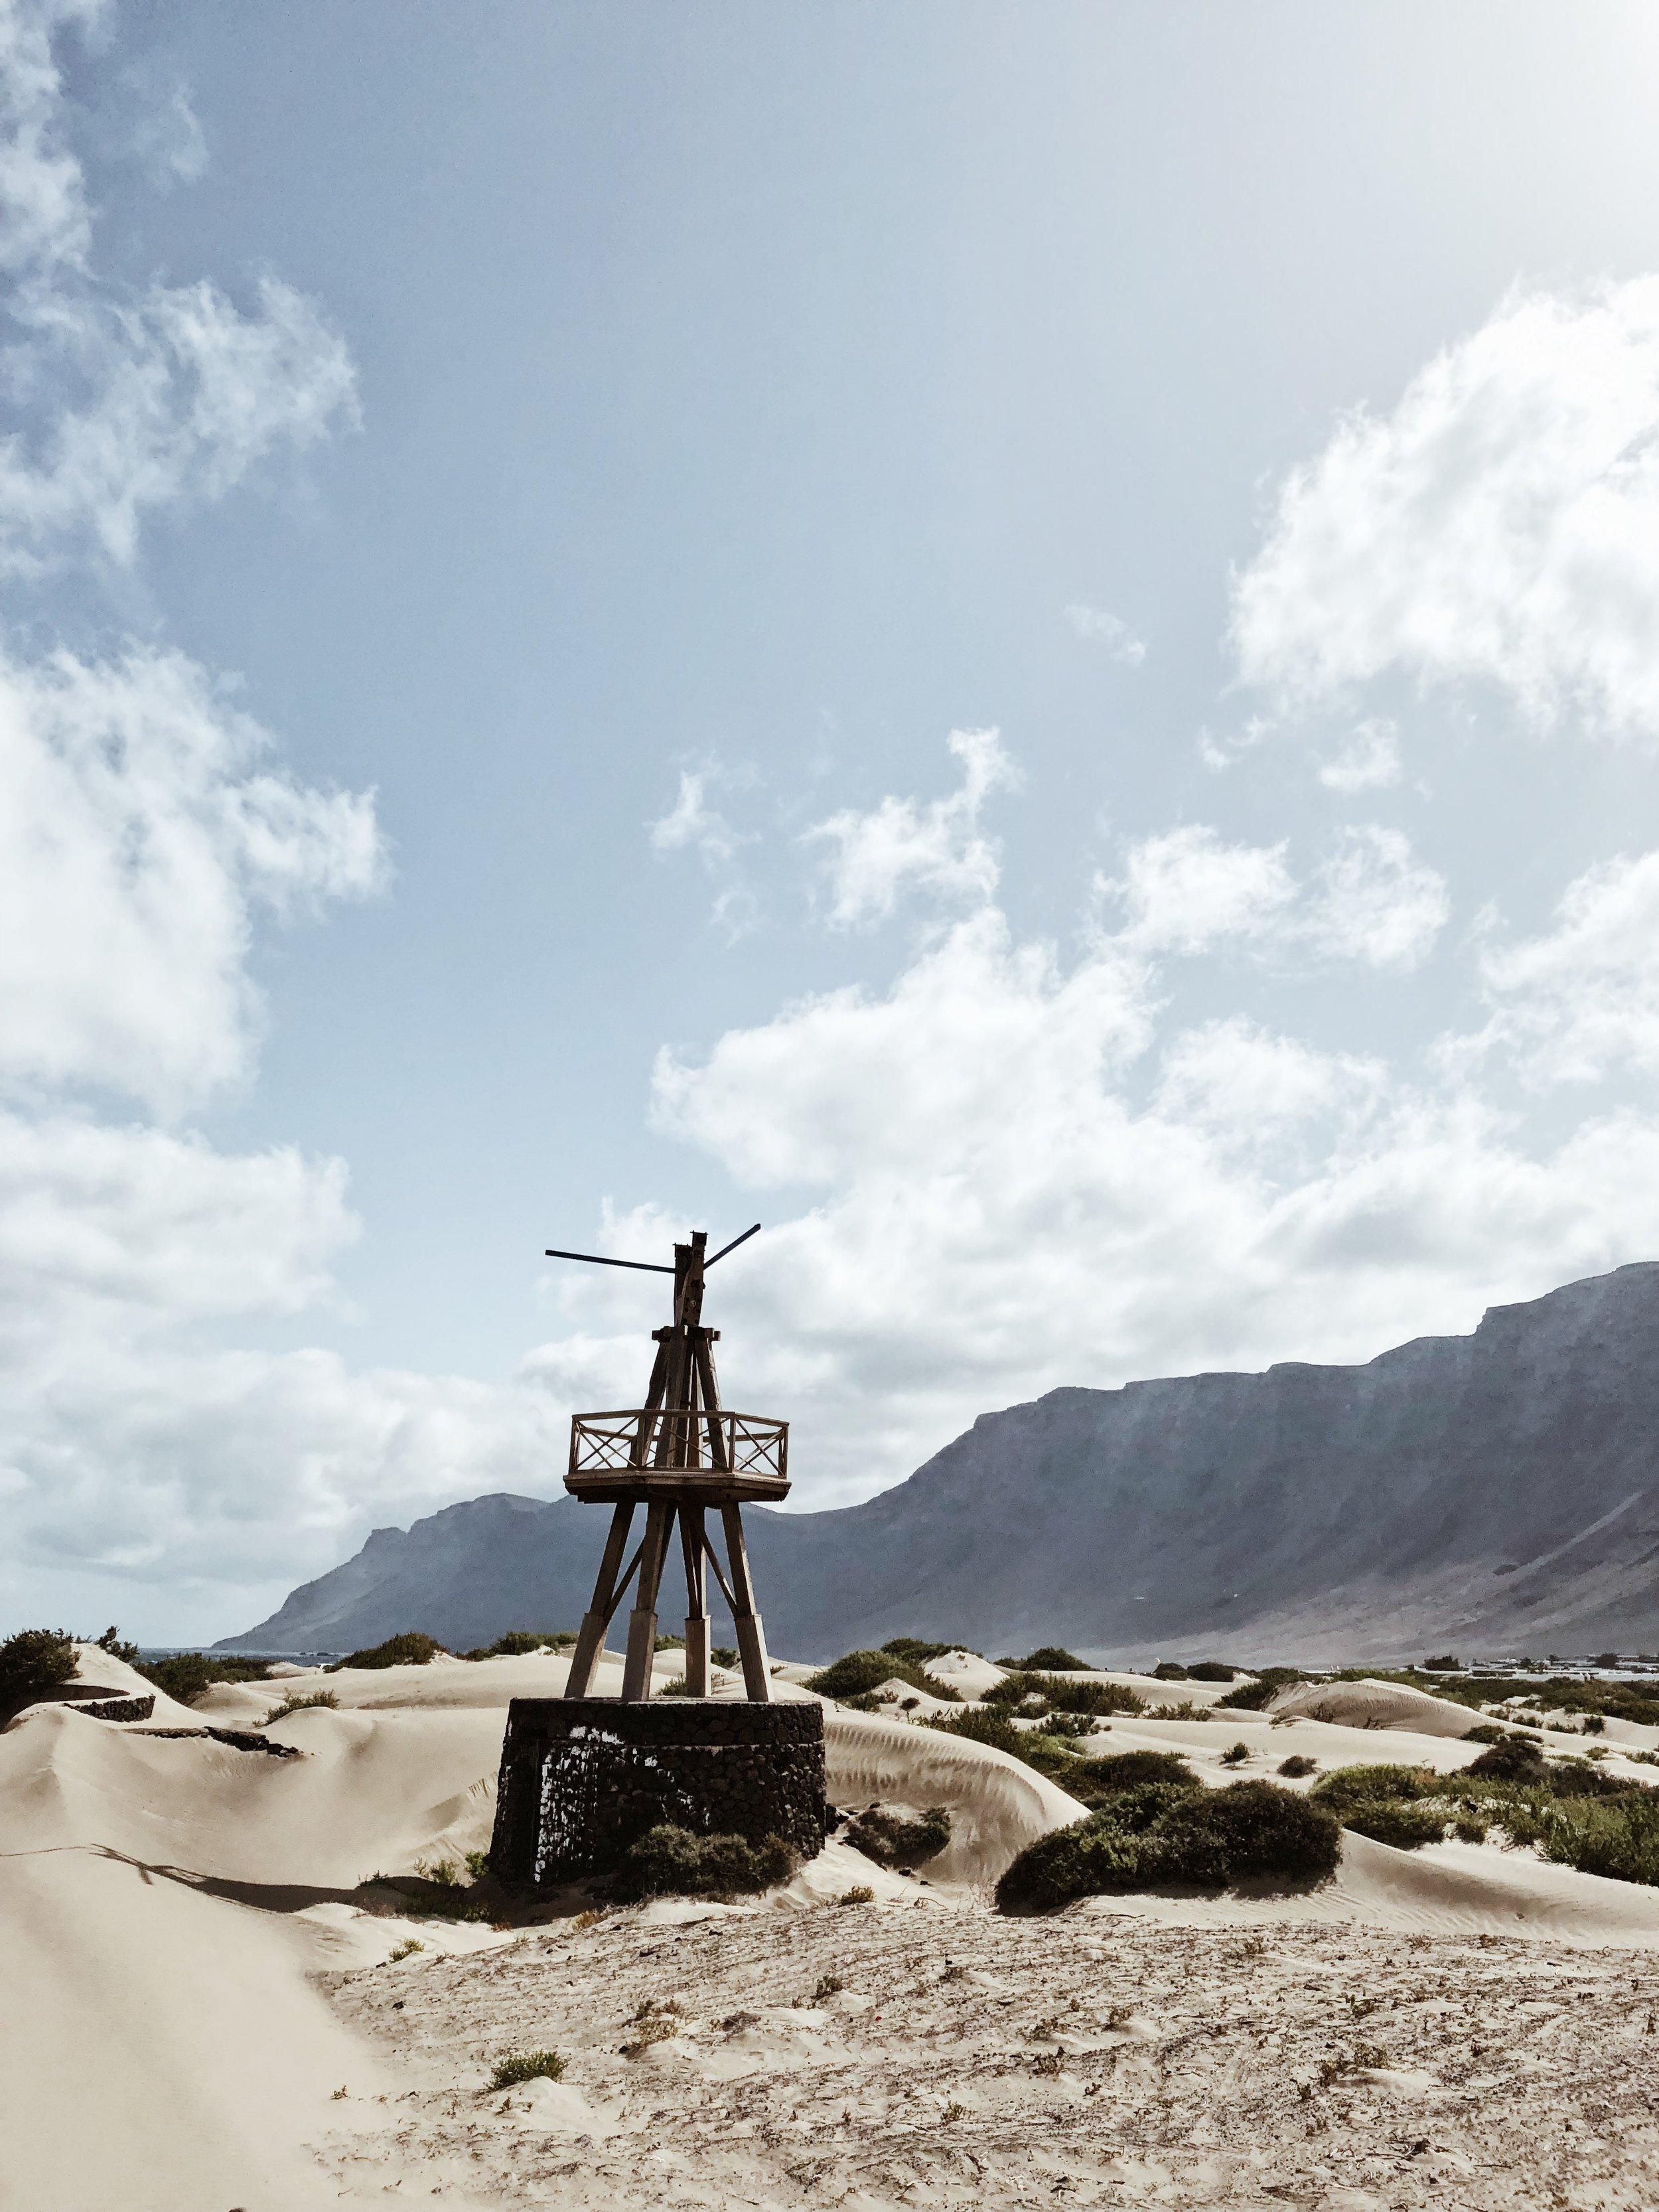 Carnet Sauvage - Blog mode et voyages, direction artistique Lille - voyages Lanzarote, endroits à ne pas rater